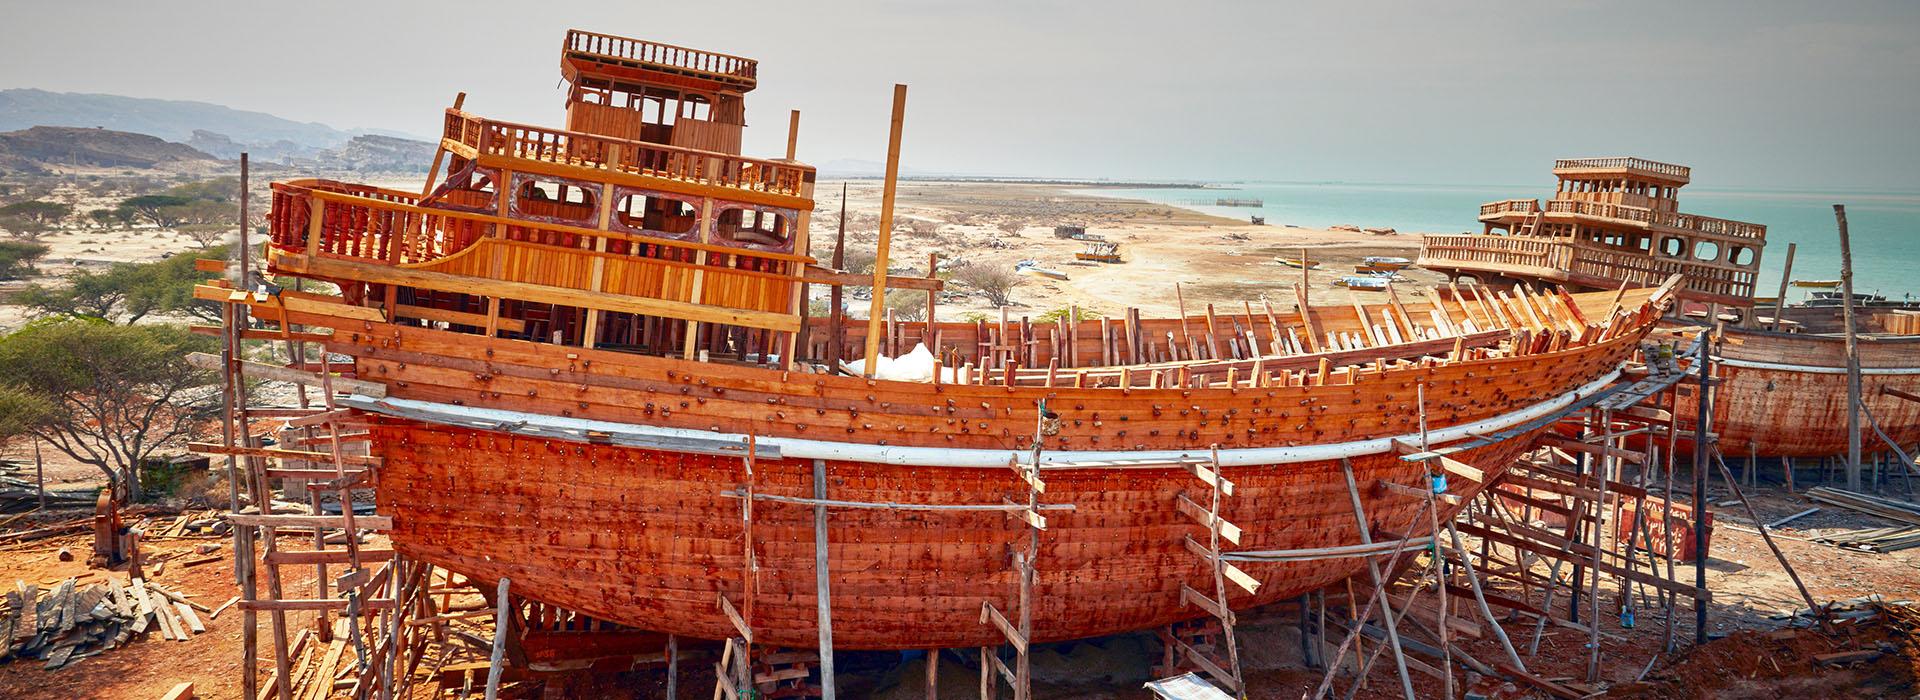 local Boat Builders-Qeshm